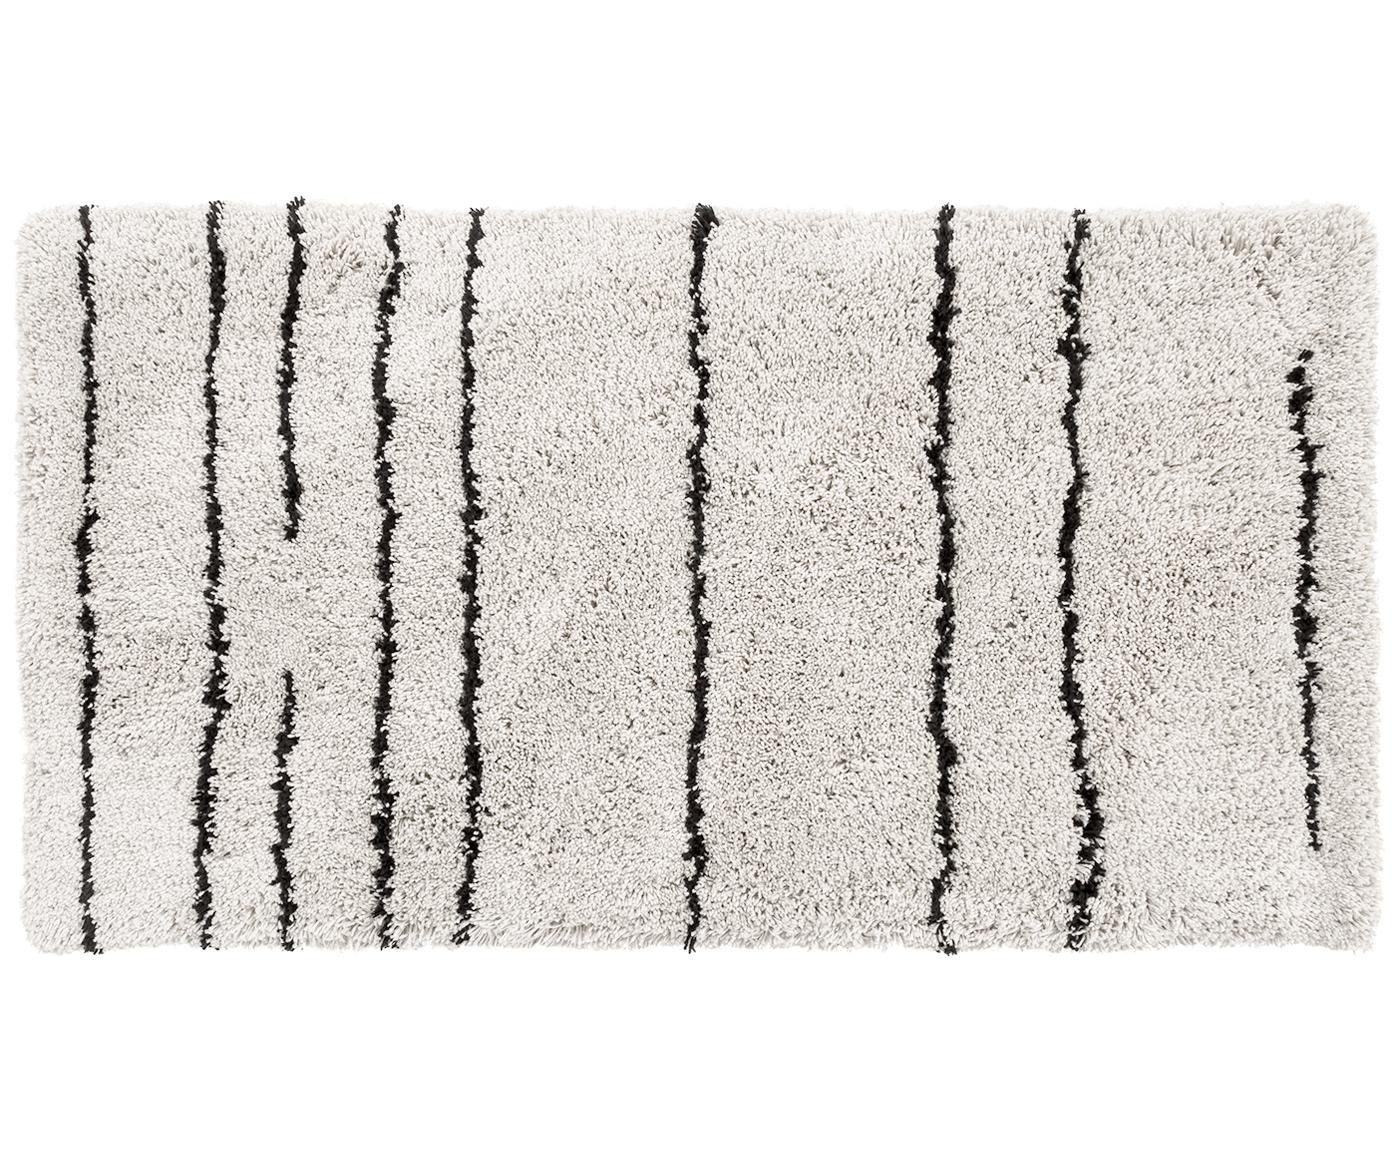 Tappeto taftato a mano Dunya, Retro: 100% cotone, Beige, nero, Larg. 80 x Lung. 150 cm (taglia XS)